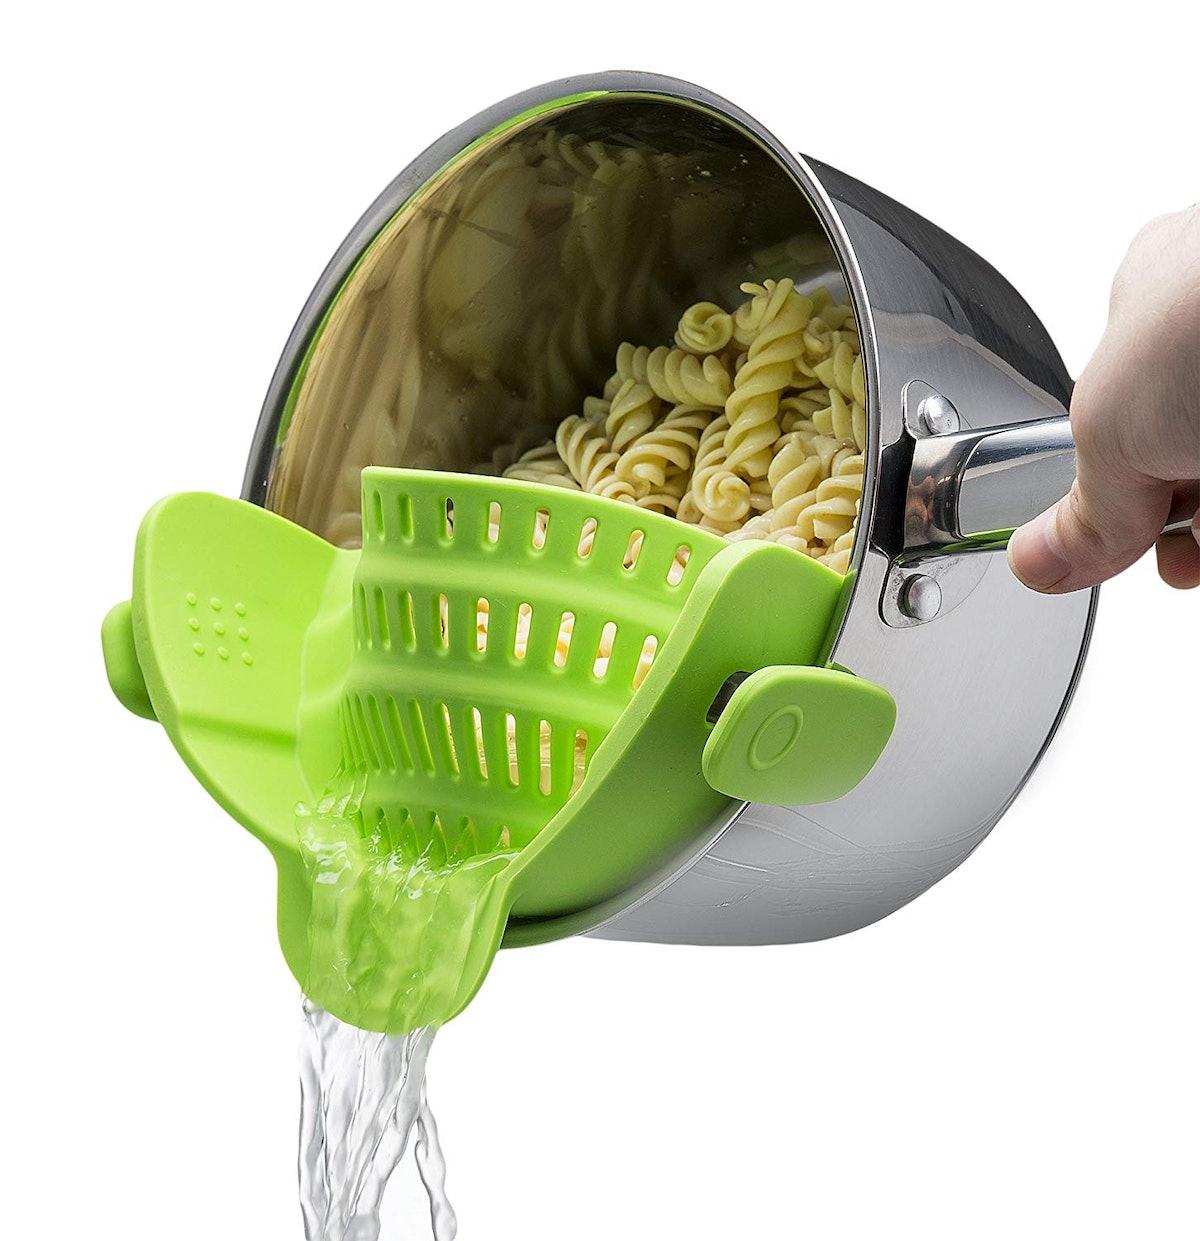 Kitchen Gizmo Snap 'N Strainer